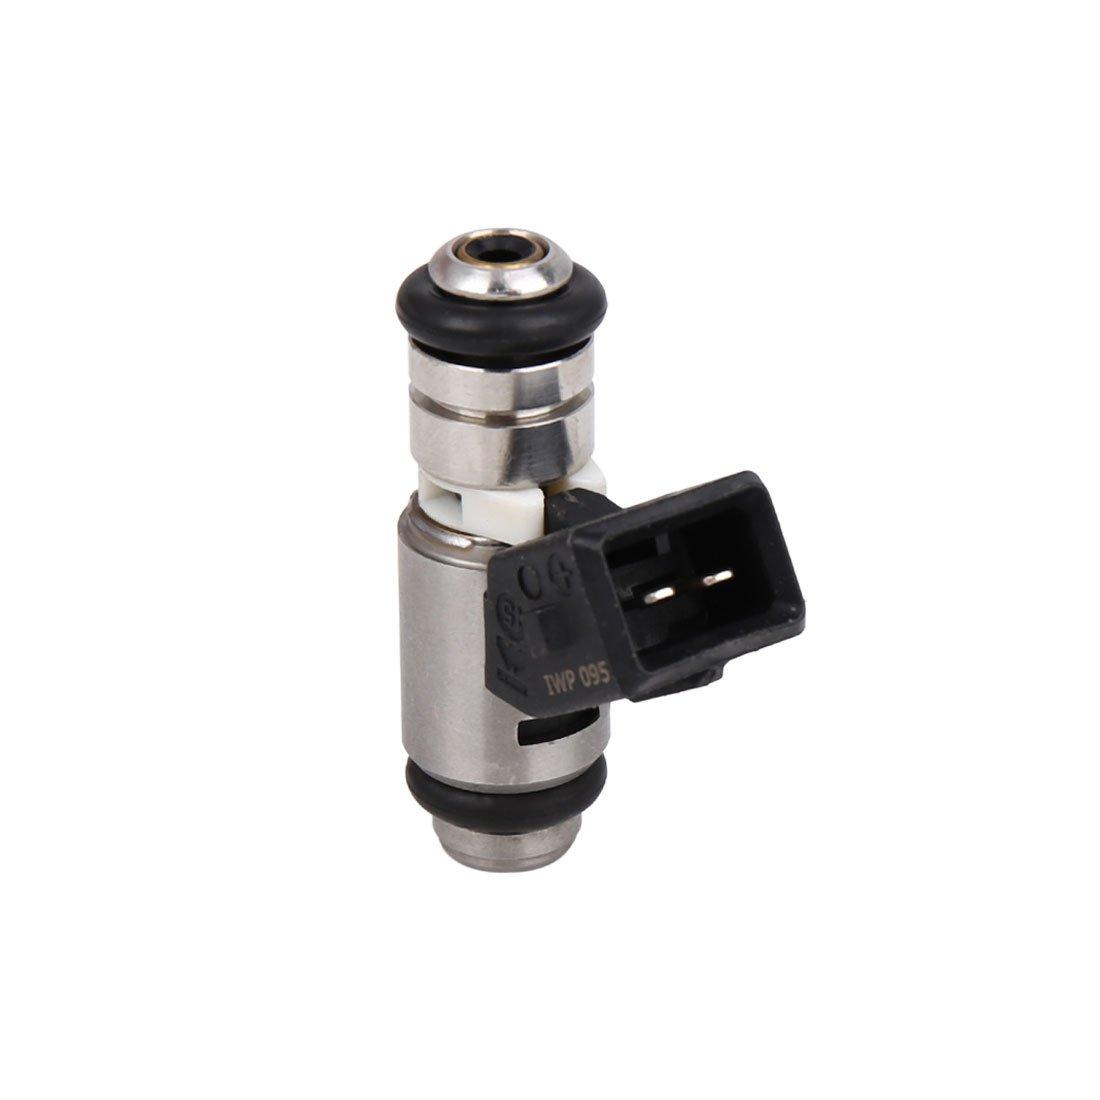 Lovey-AUTO OEM # /IWP-095 46791211 0280158169 Injecteur de Carburant pour Punto Mk2 1.2 Seicento 1.1 8v IWP-095 46791211 0280158169